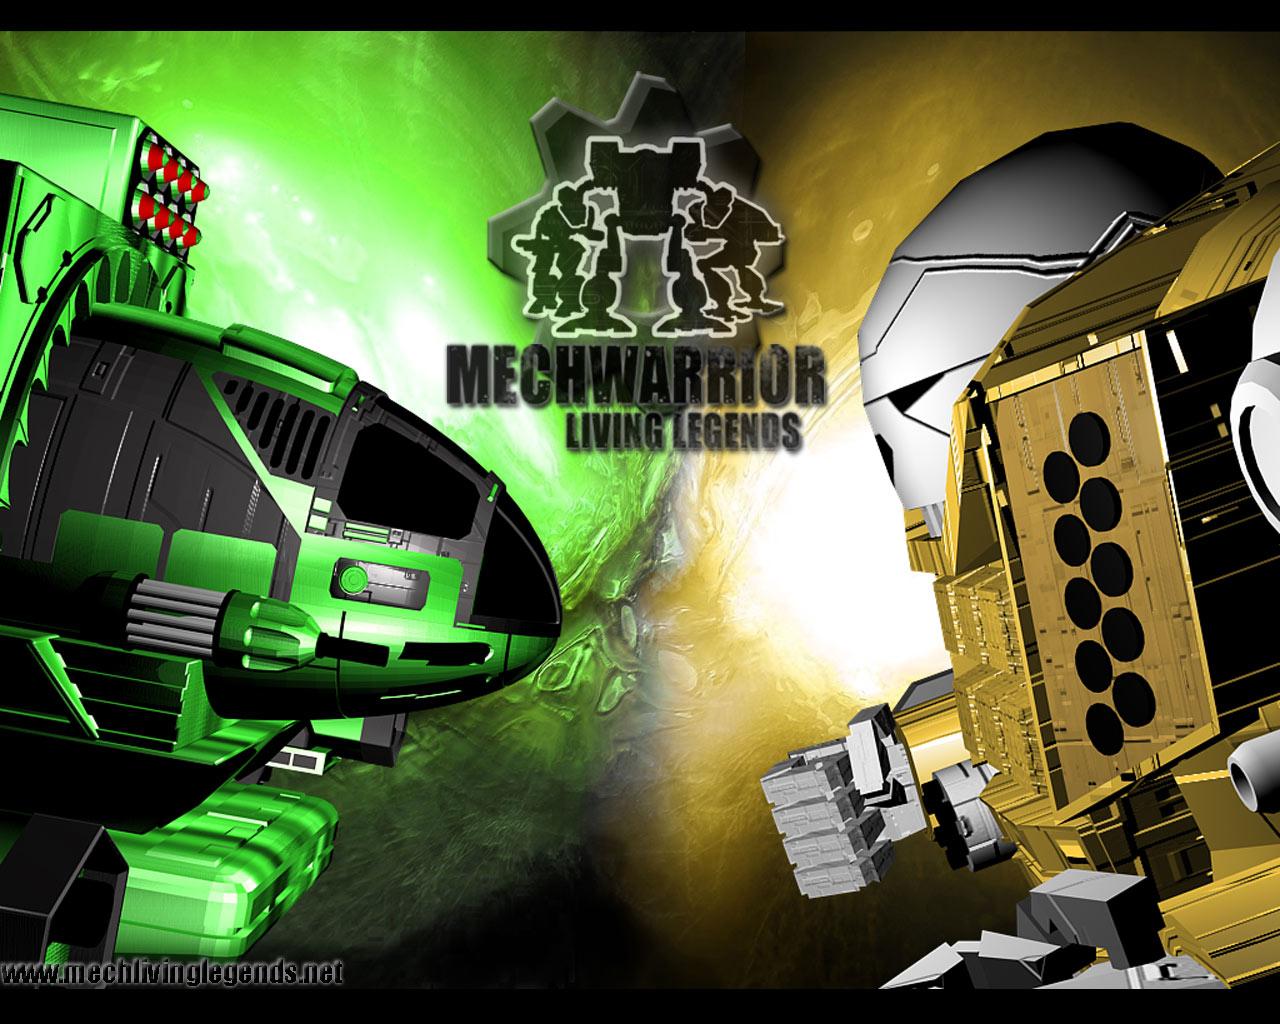 Mechwarrior Battletech Wallpaper 1920x1080 Pictures 1280x1024